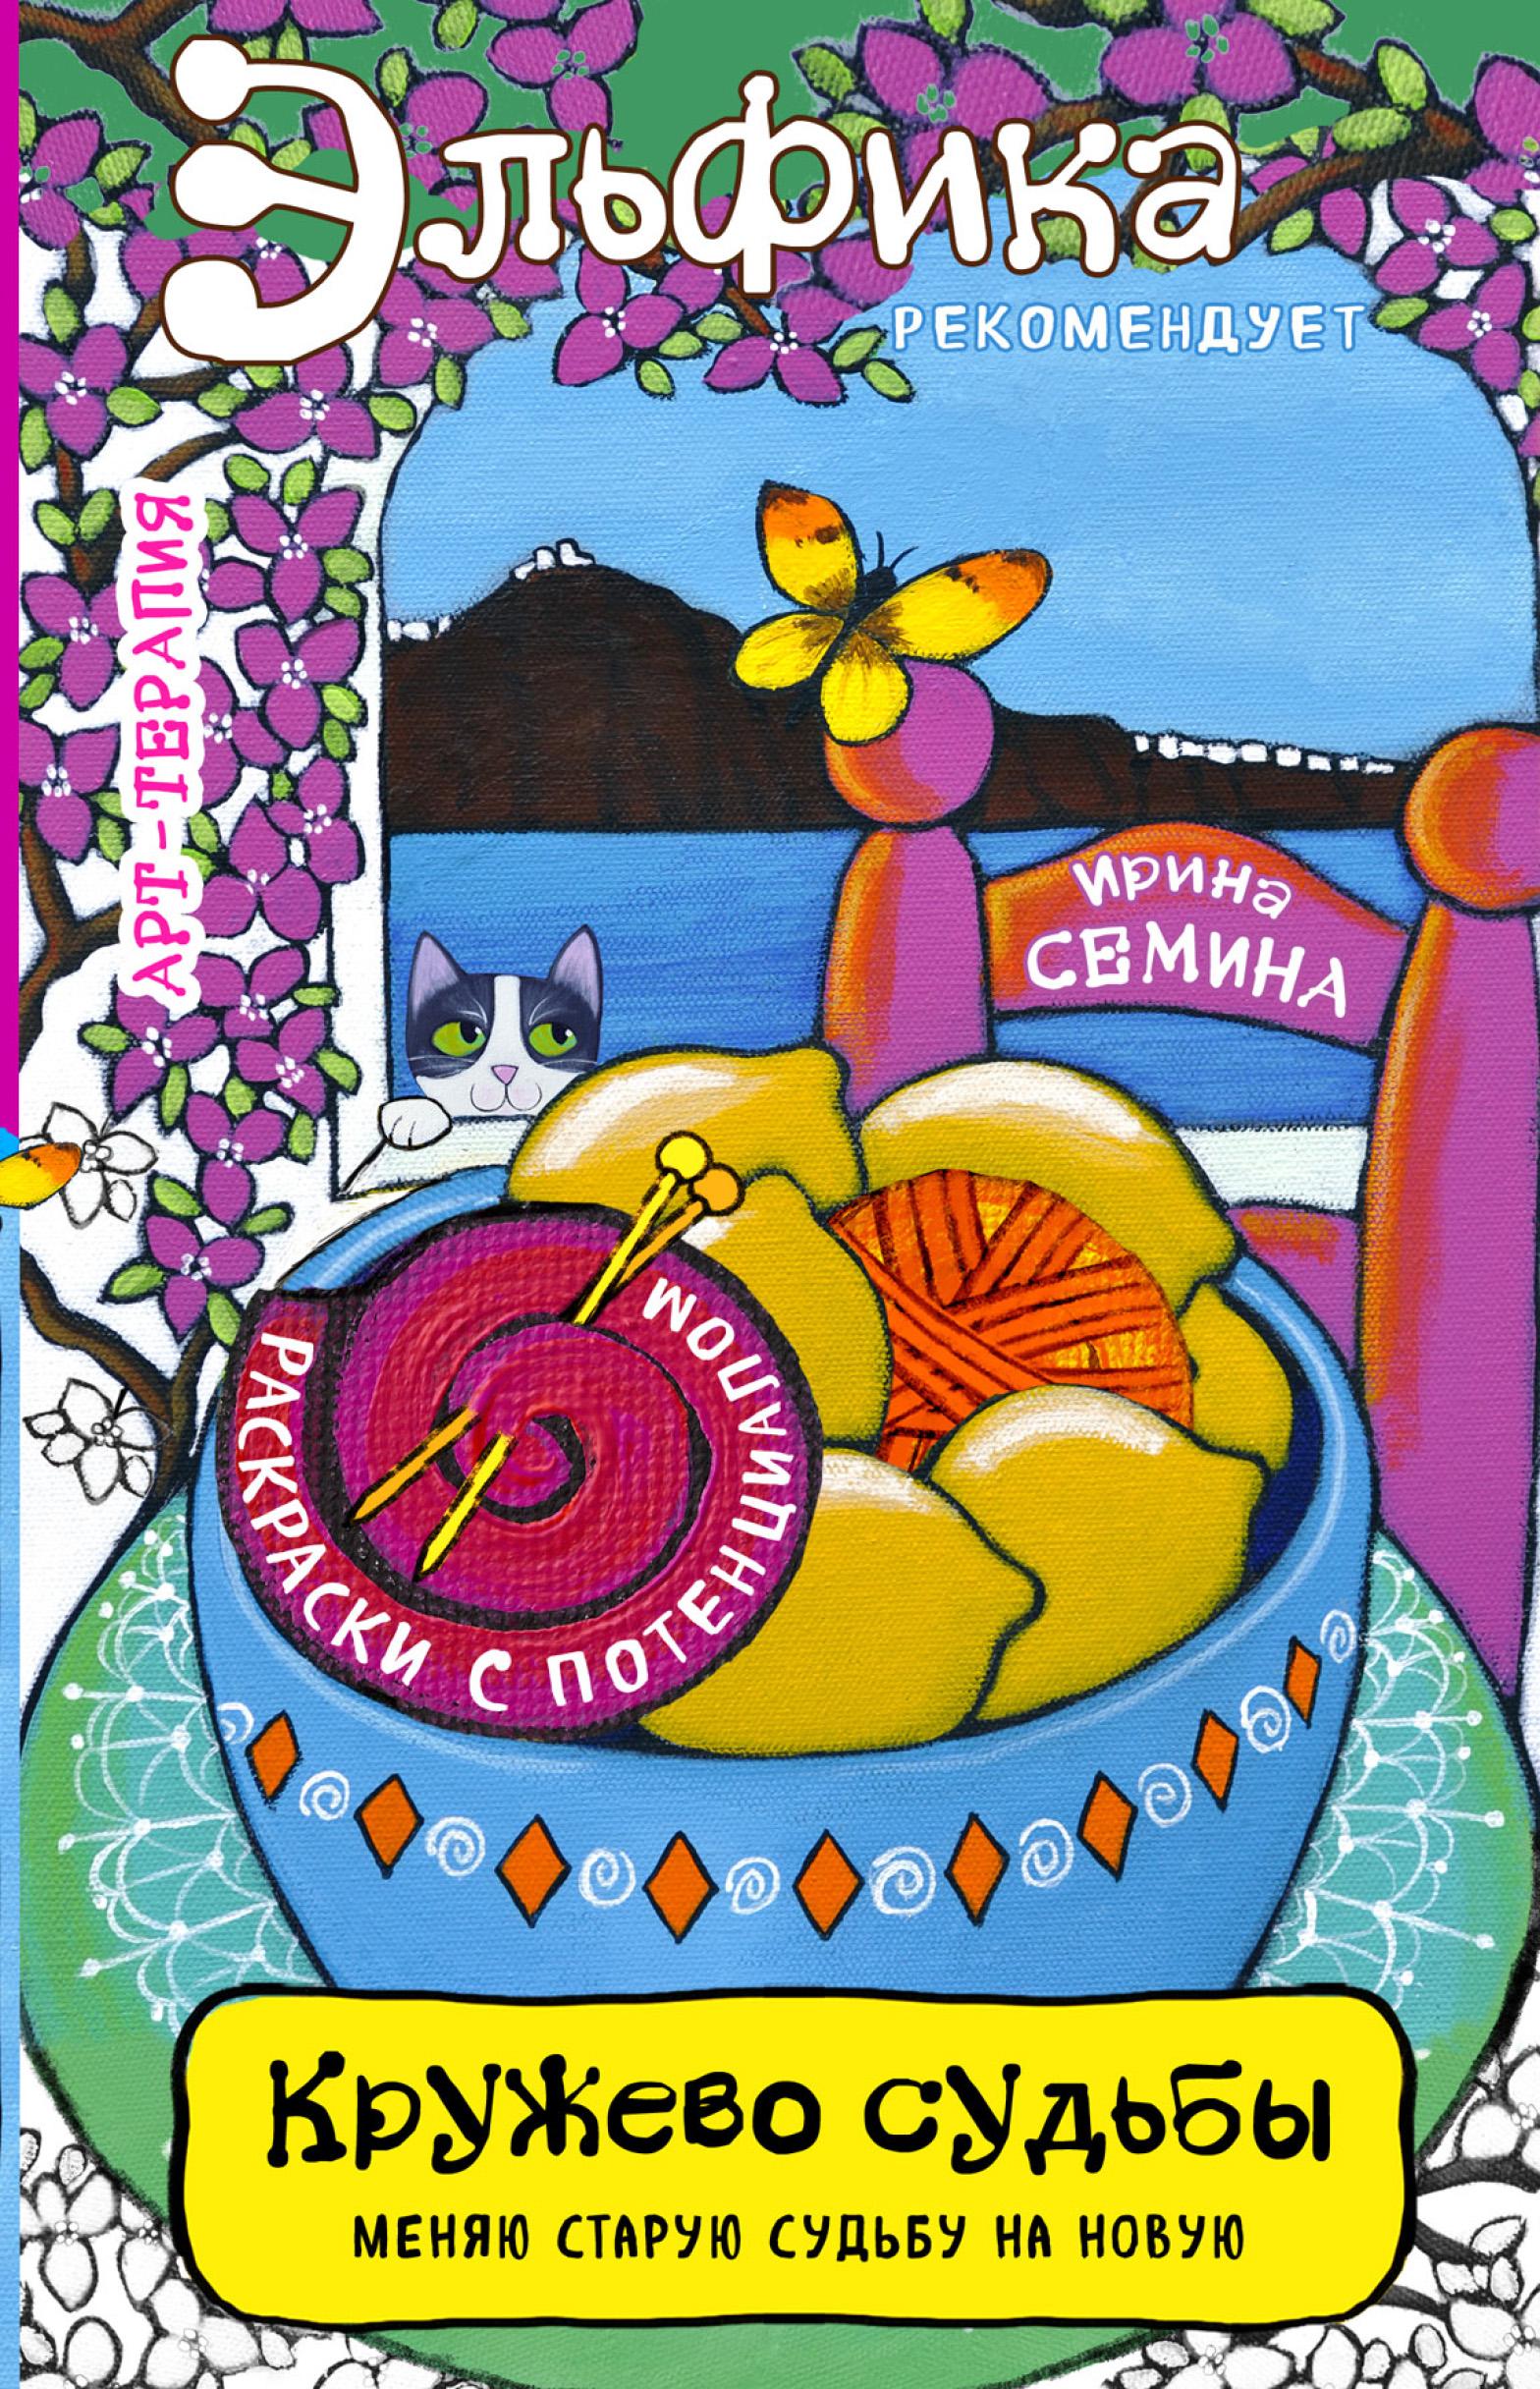 Ирина Семина Кружево судьбы ирина семина сказки для внутреннего роста